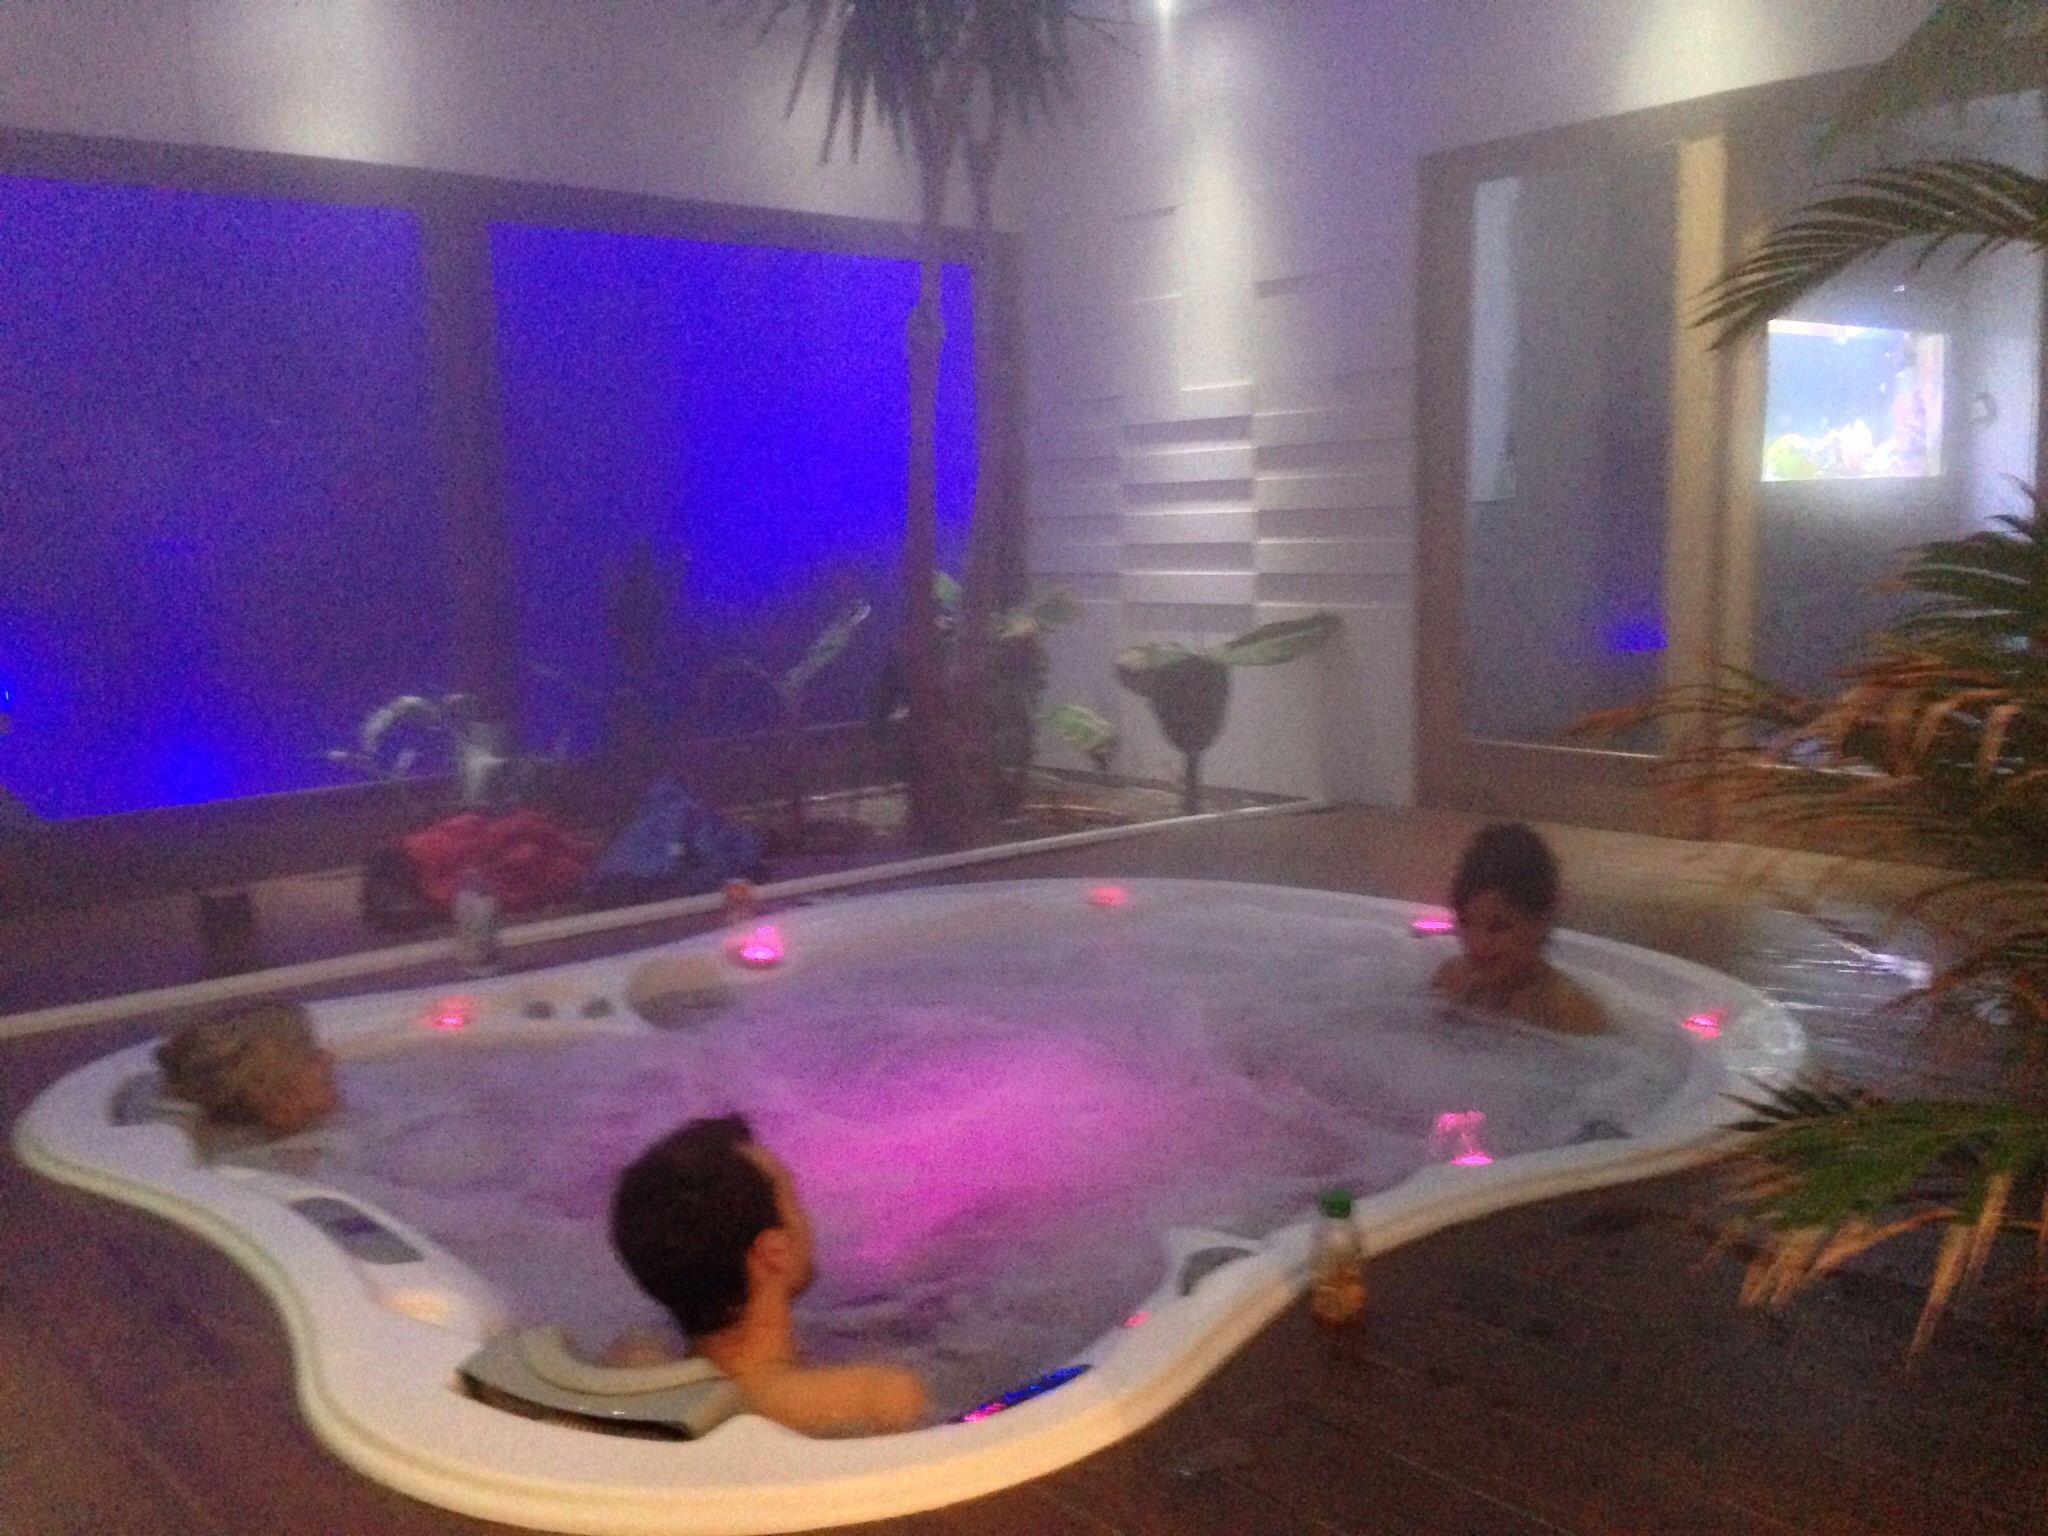 Clerc Agencement Espot Hot Tub Room Indoor Hot Tub Dream Home Design